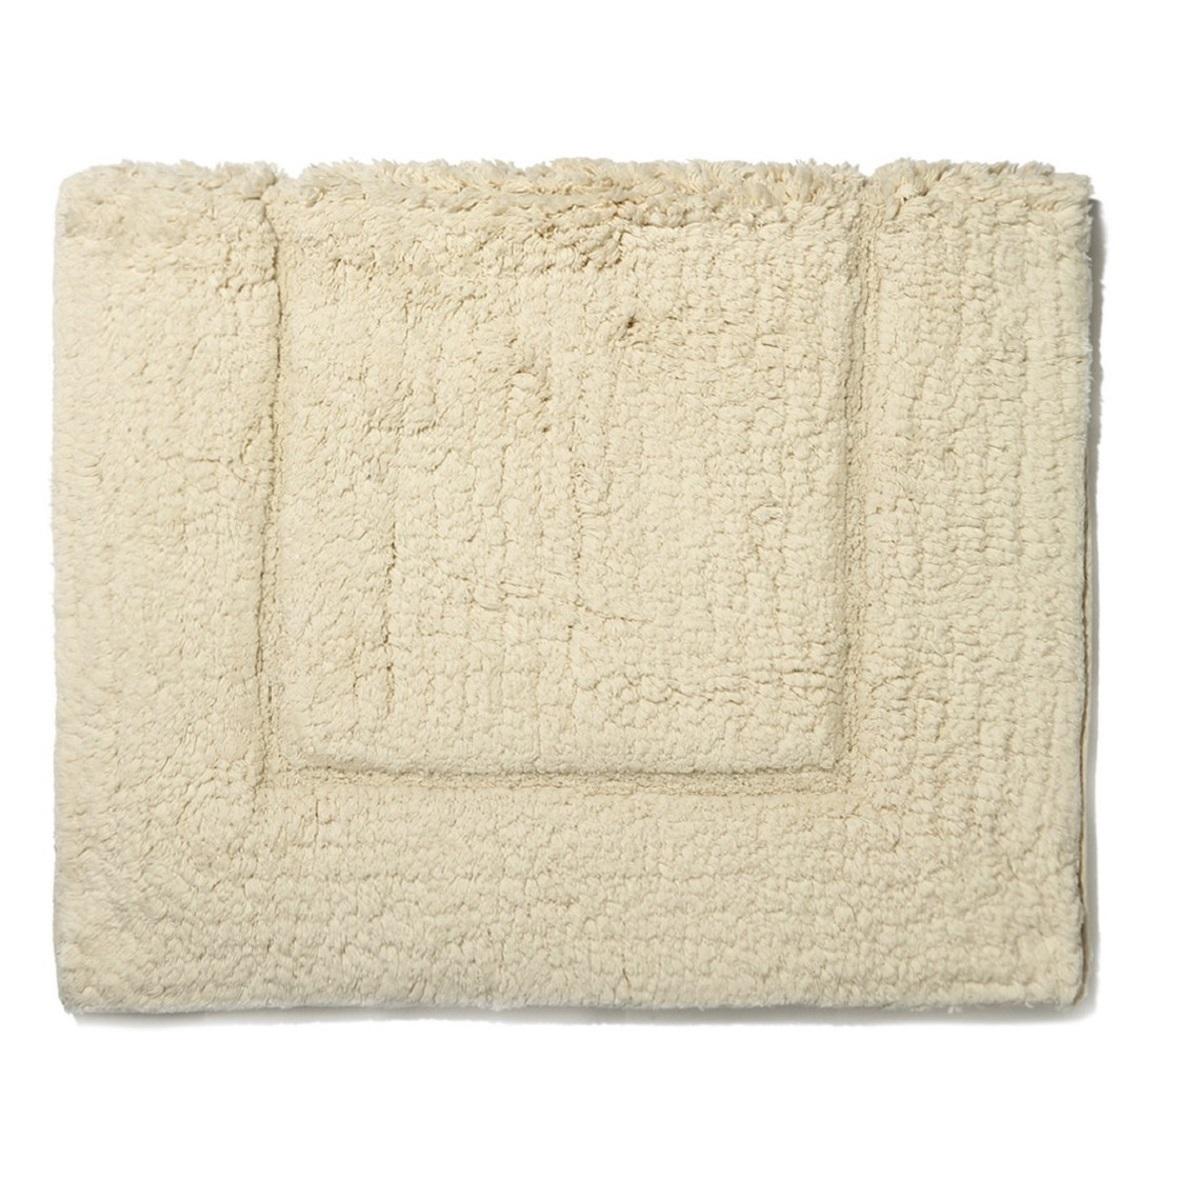 Элитный коврик для ванной Elegance Ivory от Kassatex